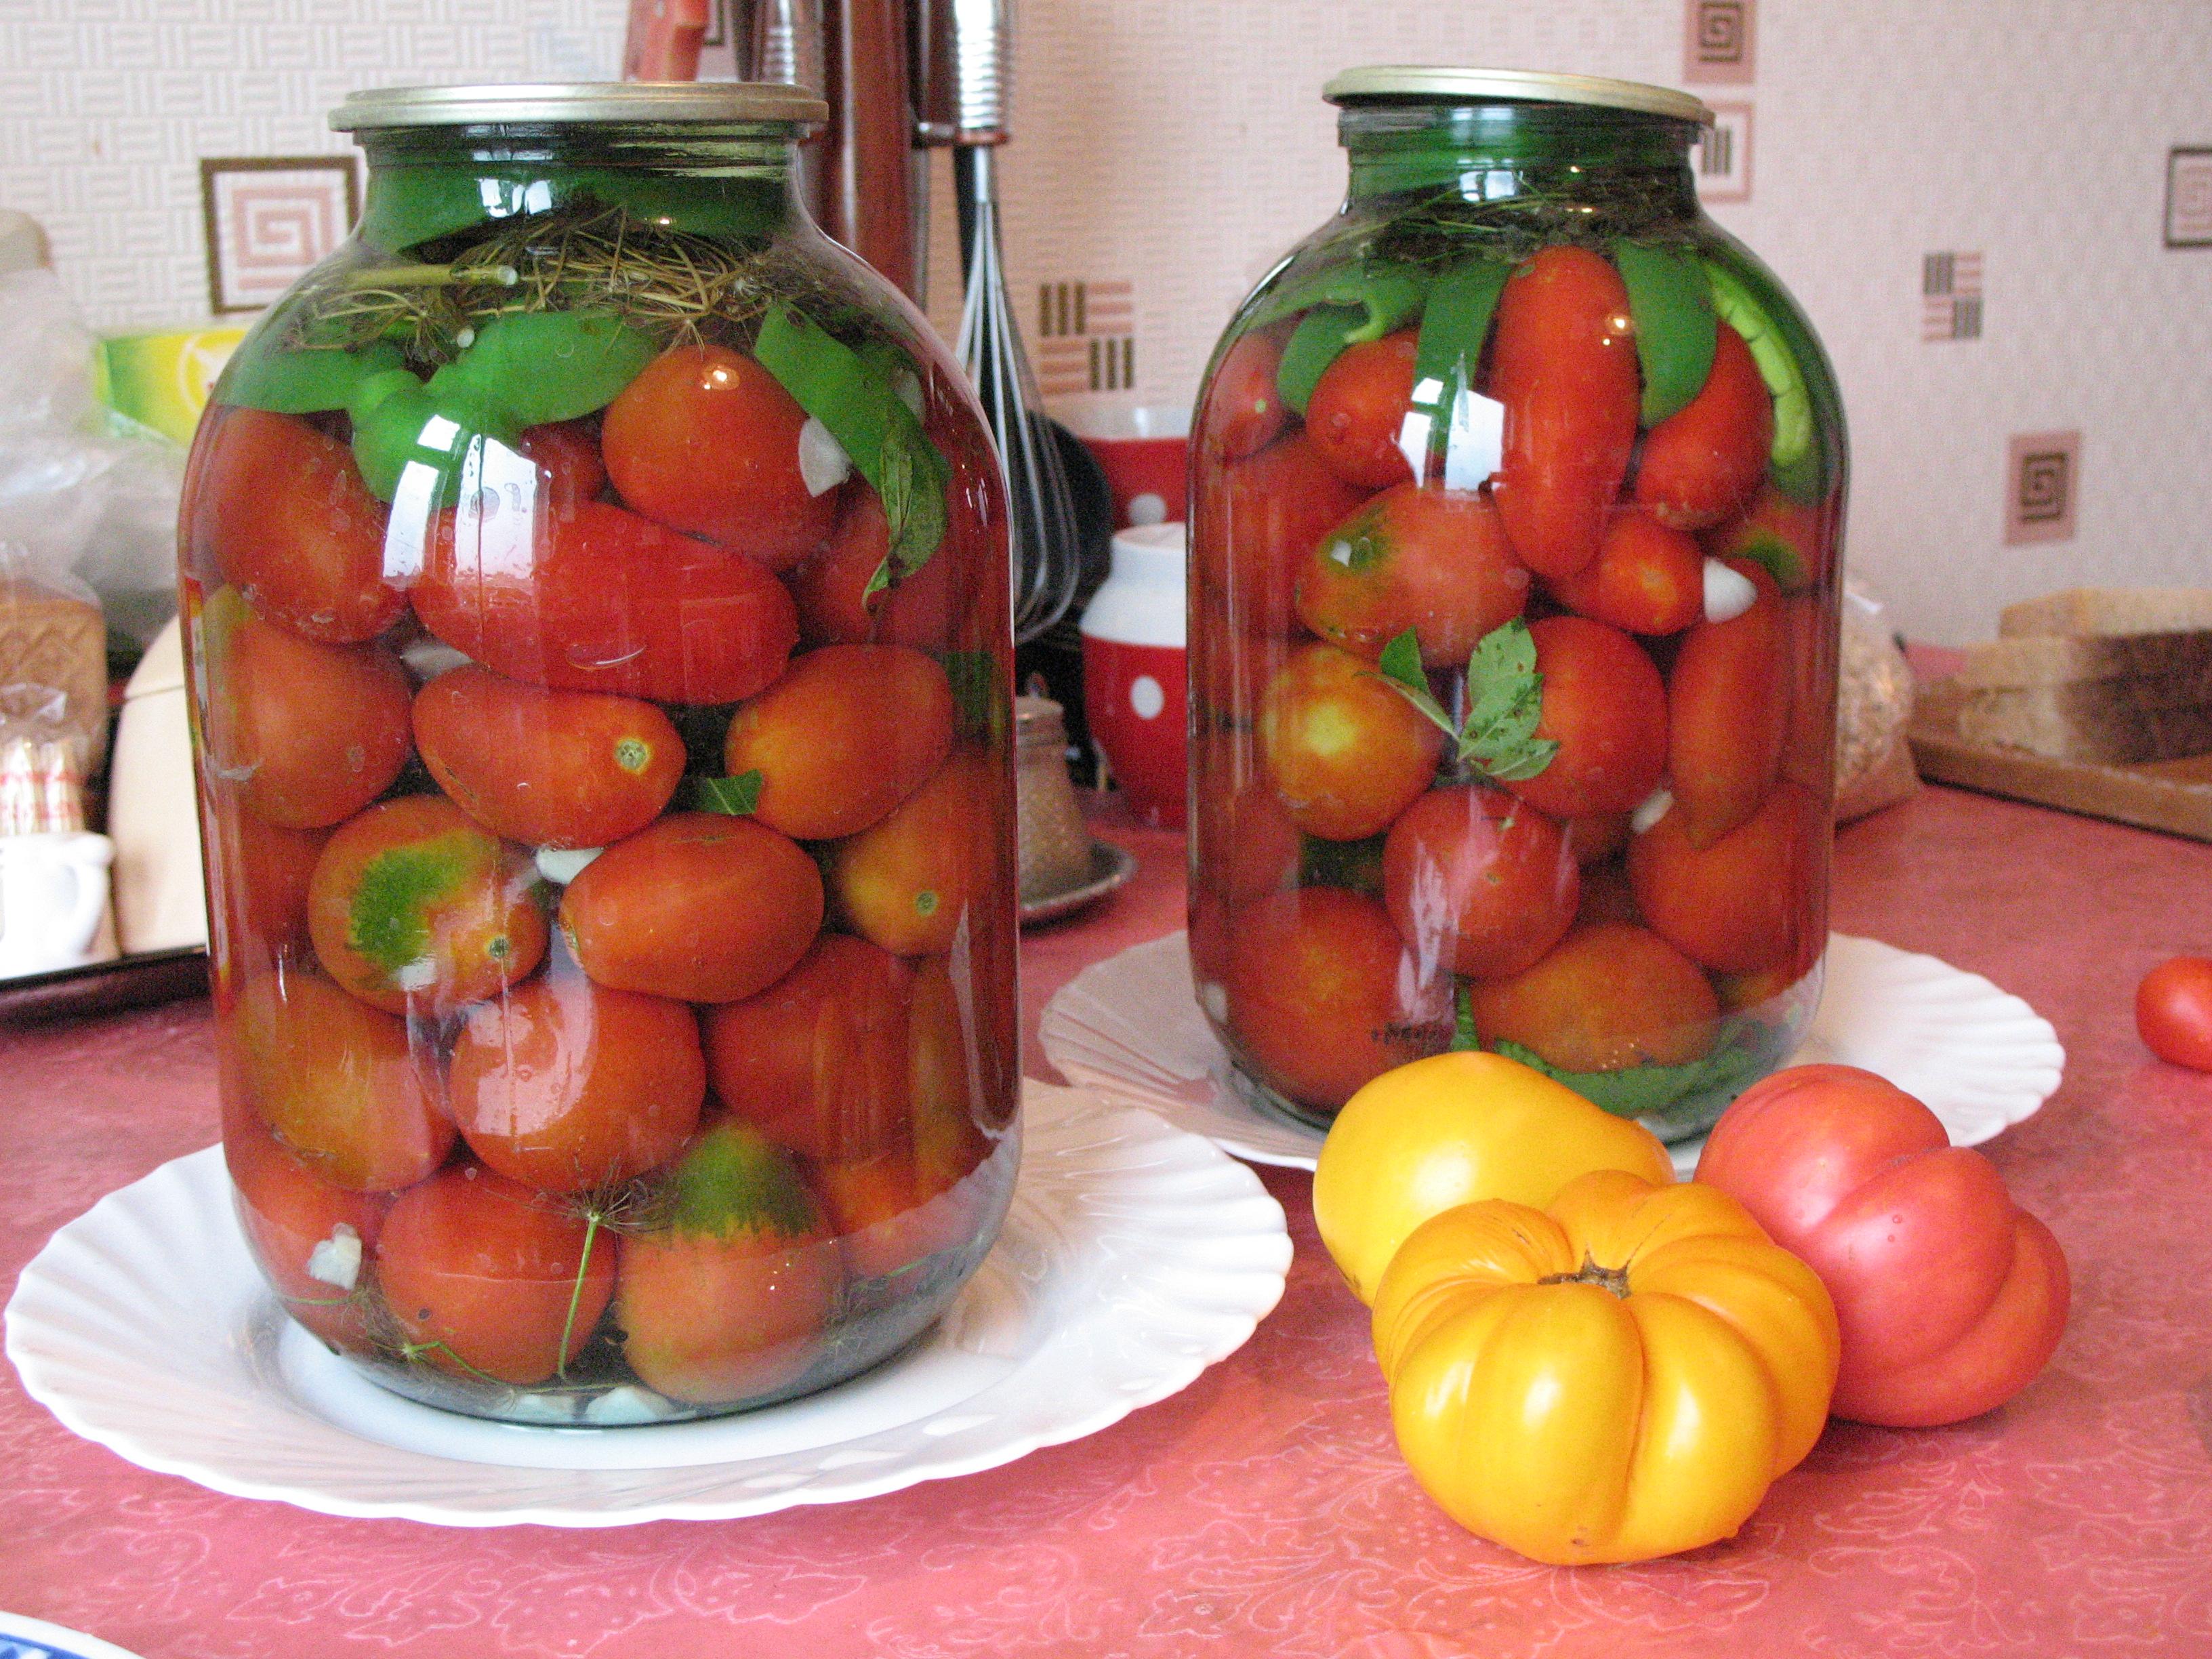 Как приготовить ассорти из огурцов и помидоров на зиму: топ-7 рецептов с фото